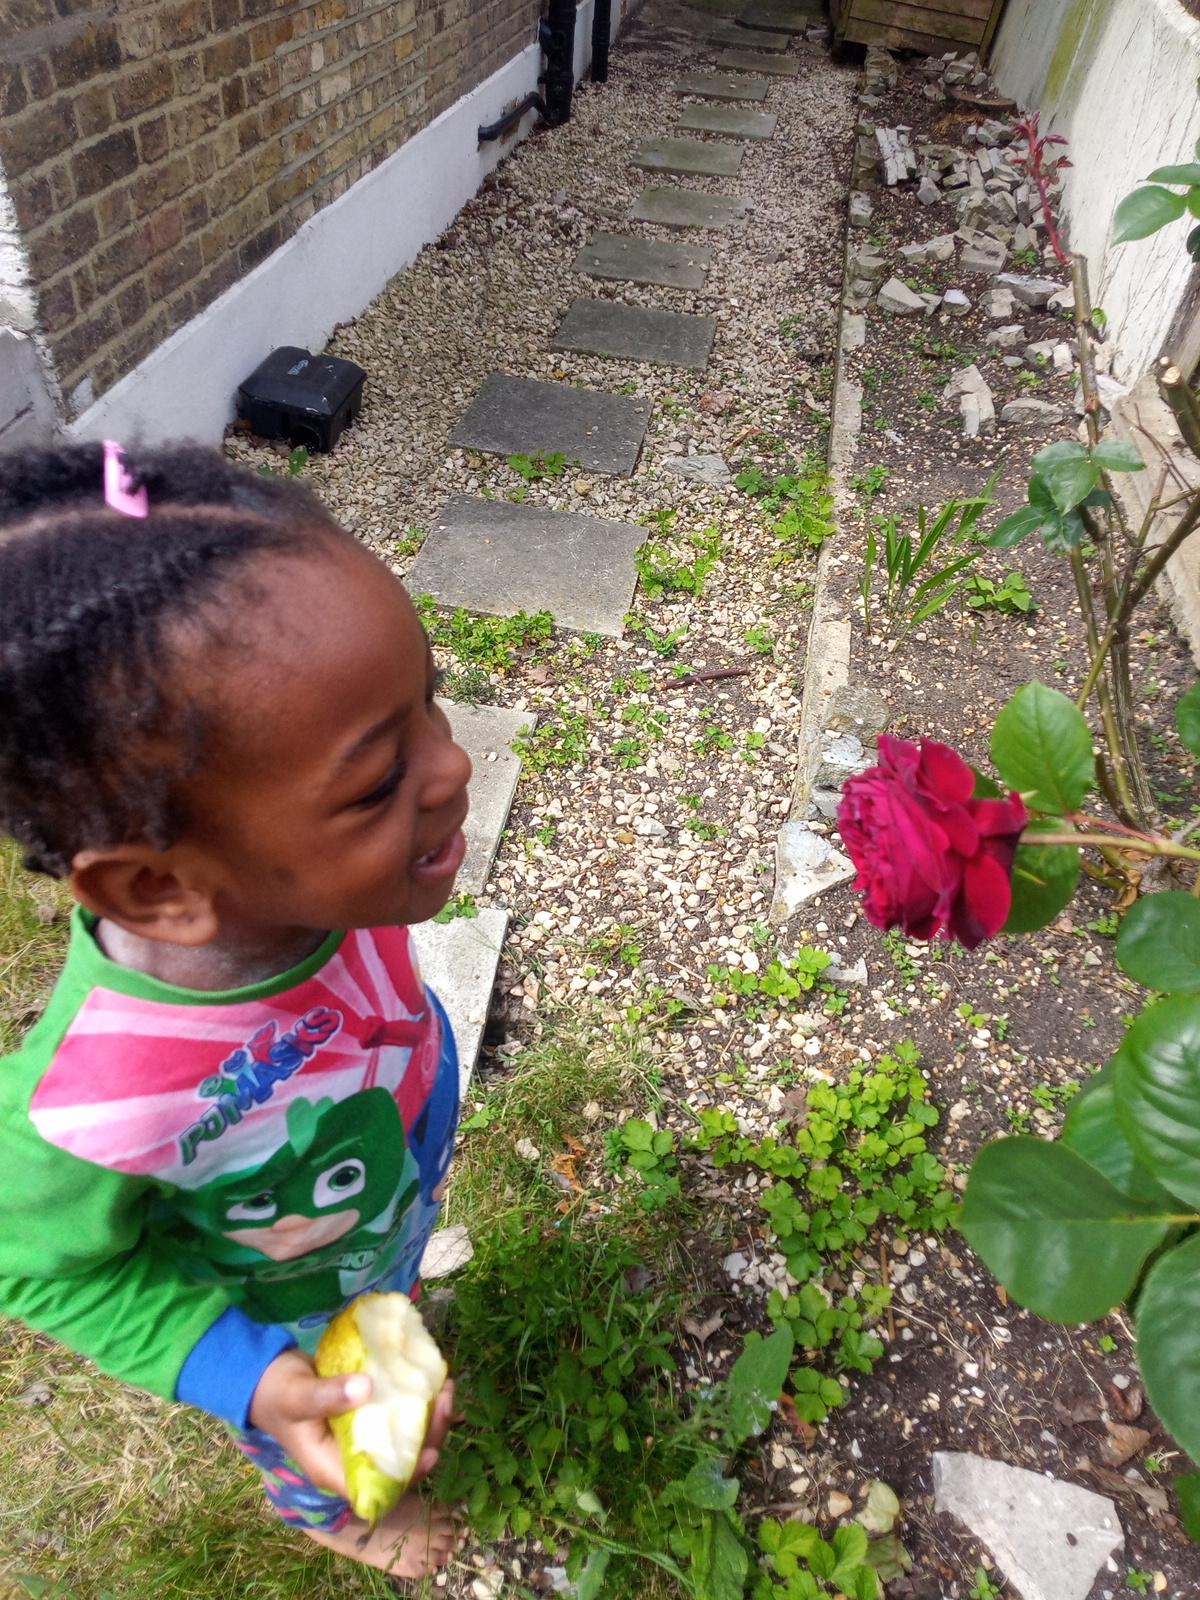 Top Tips To Make Your Garden More Private Segilola Salami